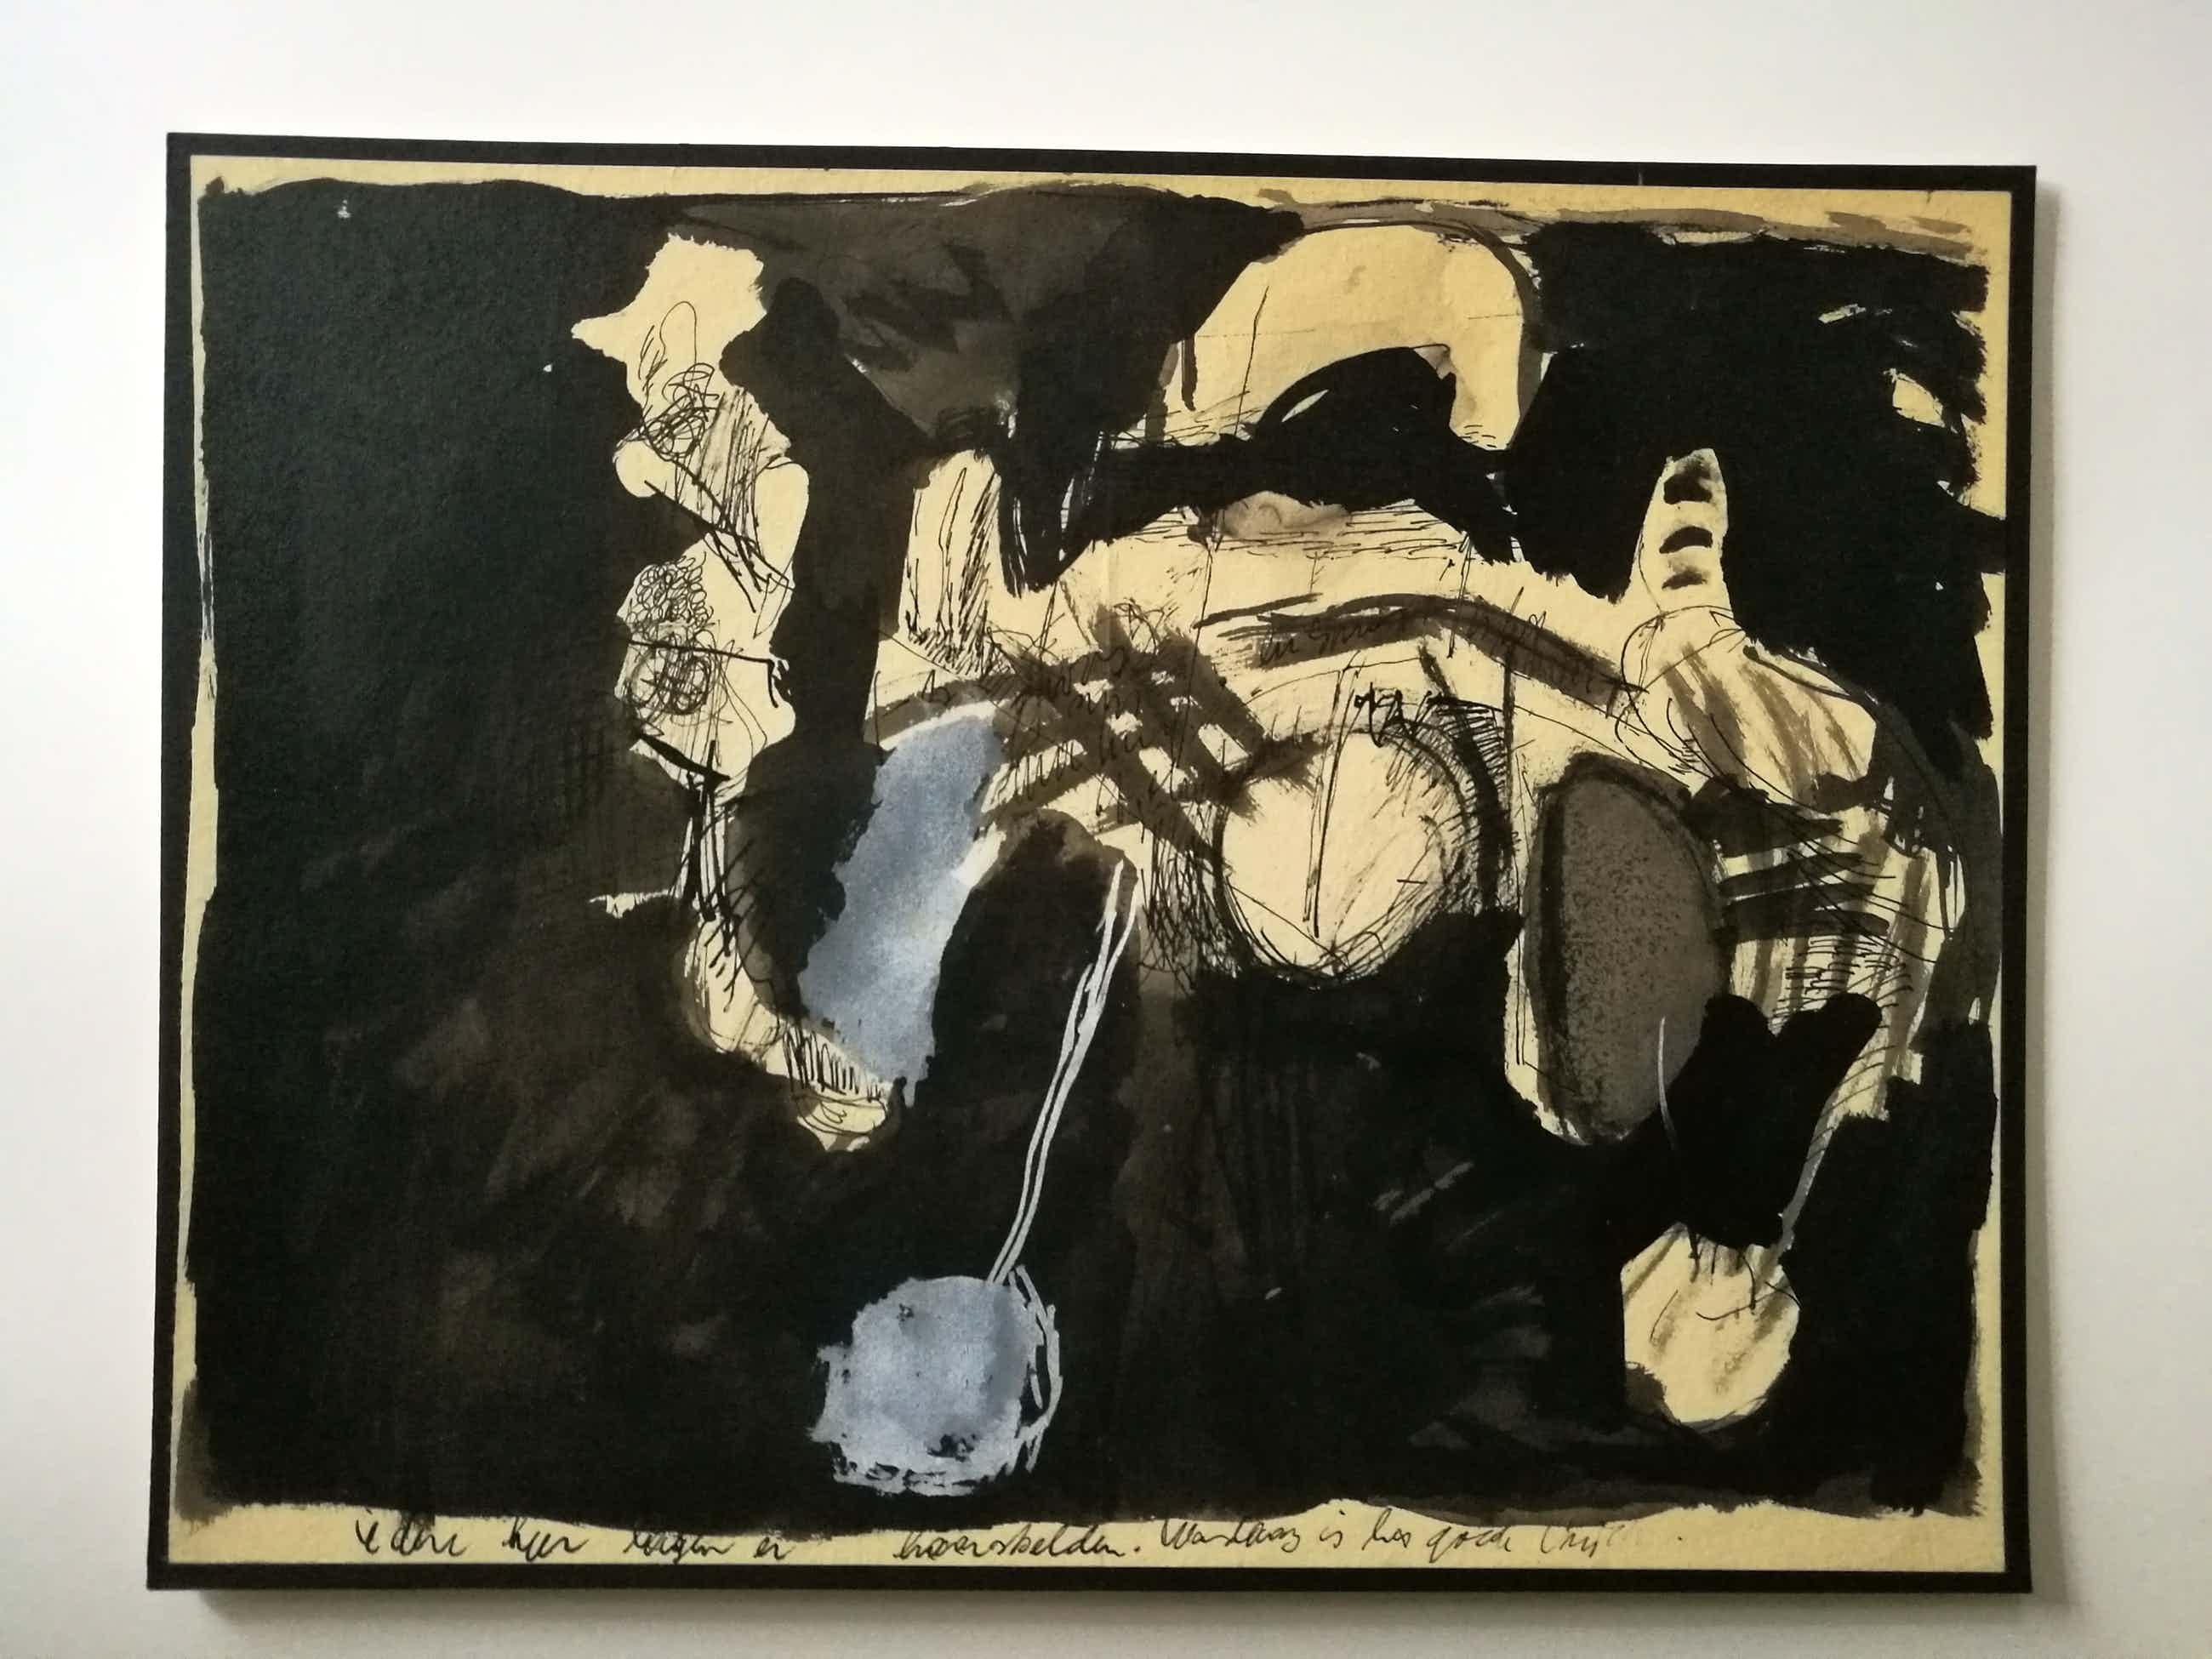 Leon Adriaans - Eindexamen Koninklijke akademie 's-Hertogenbosch. 1963-1967 kopen? Bied vanaf 150!